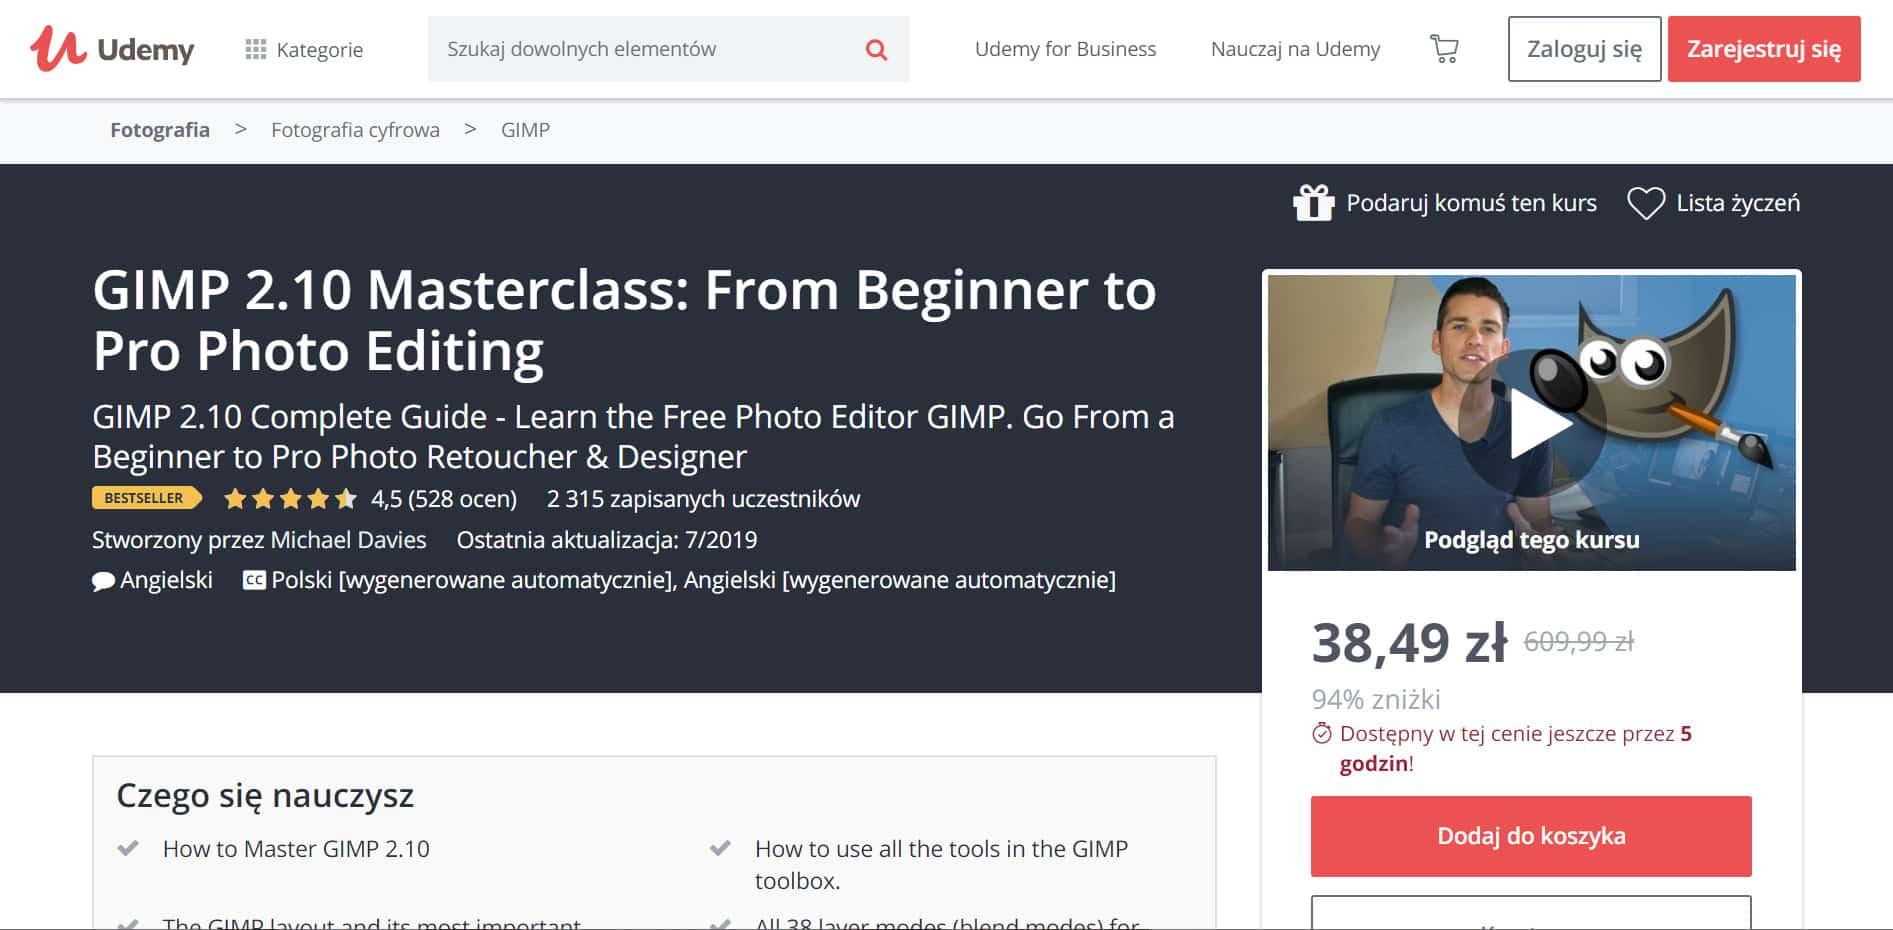 Udemy - kurs GIMP od amatora do profesjonalisty